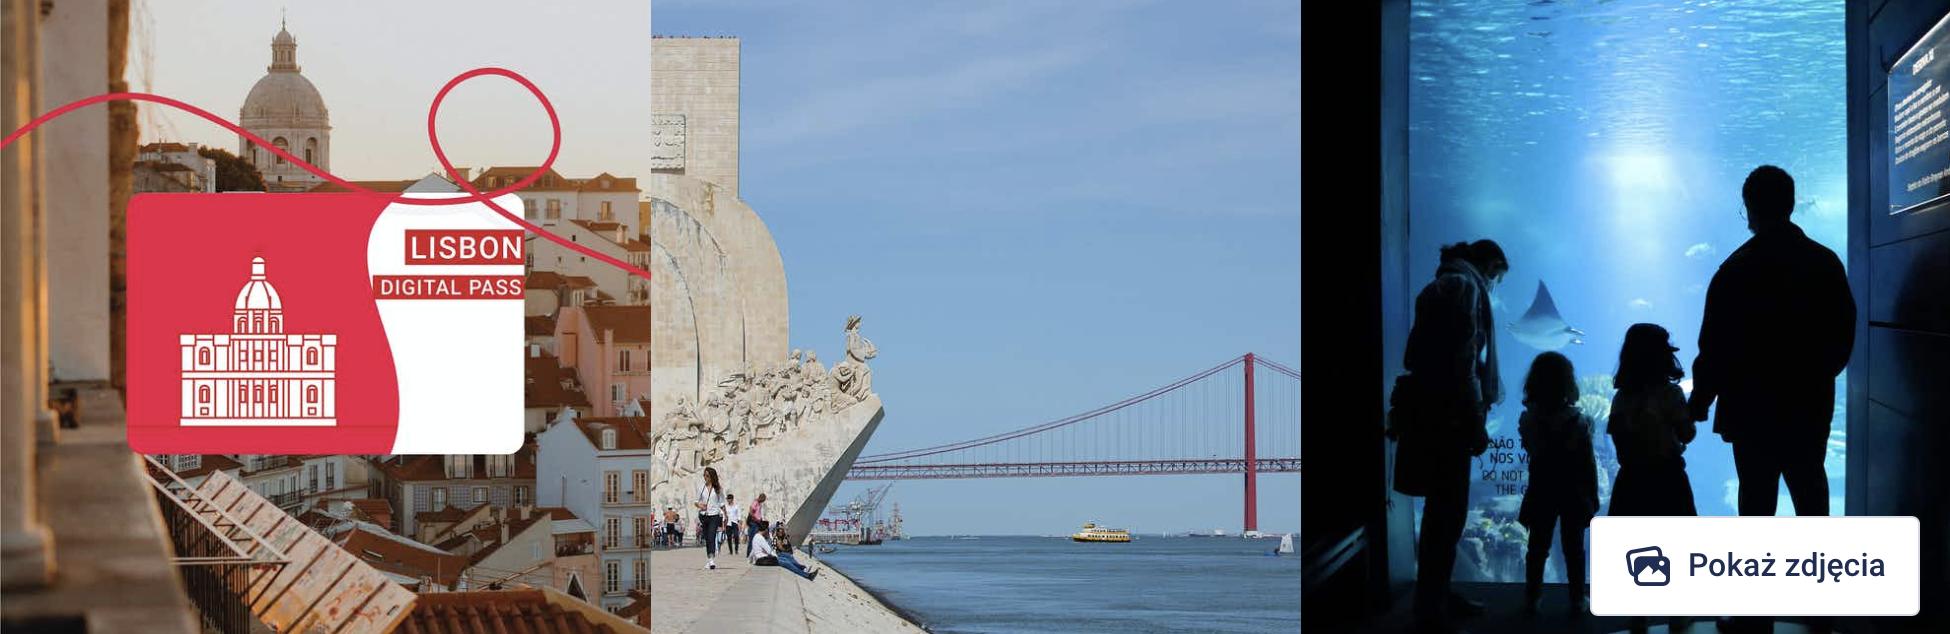 Lisbona Lizbona Bilety Online do Zabytków i Atrakcji Bilety Łączone Informacje Gdzie Kupić Promocje Bilet łączony przez Internet polski przewodnik po Portugalii